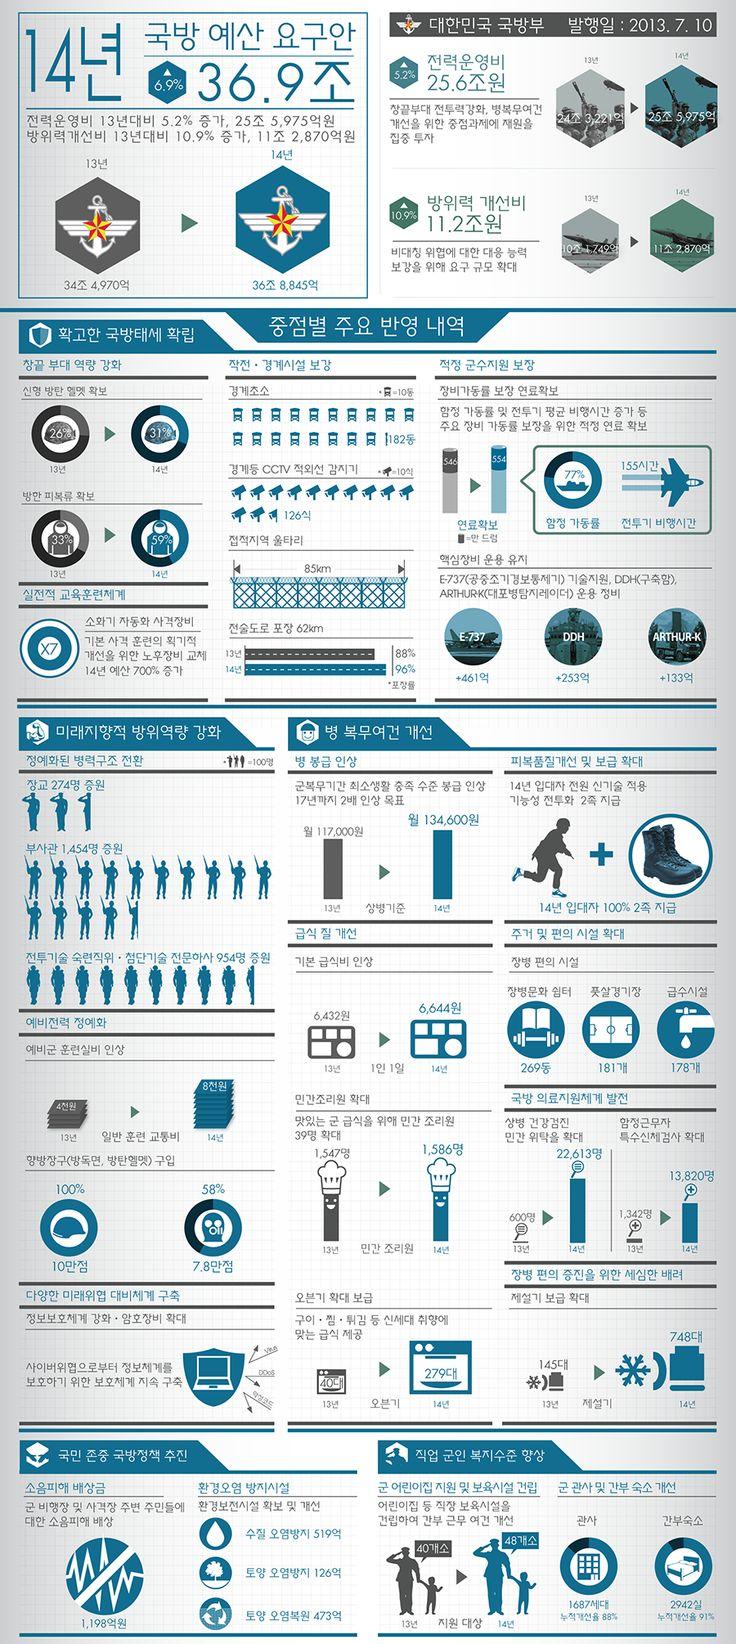 [Infographic] 2014년 국방예산 요구안에 관한 인포그래픽